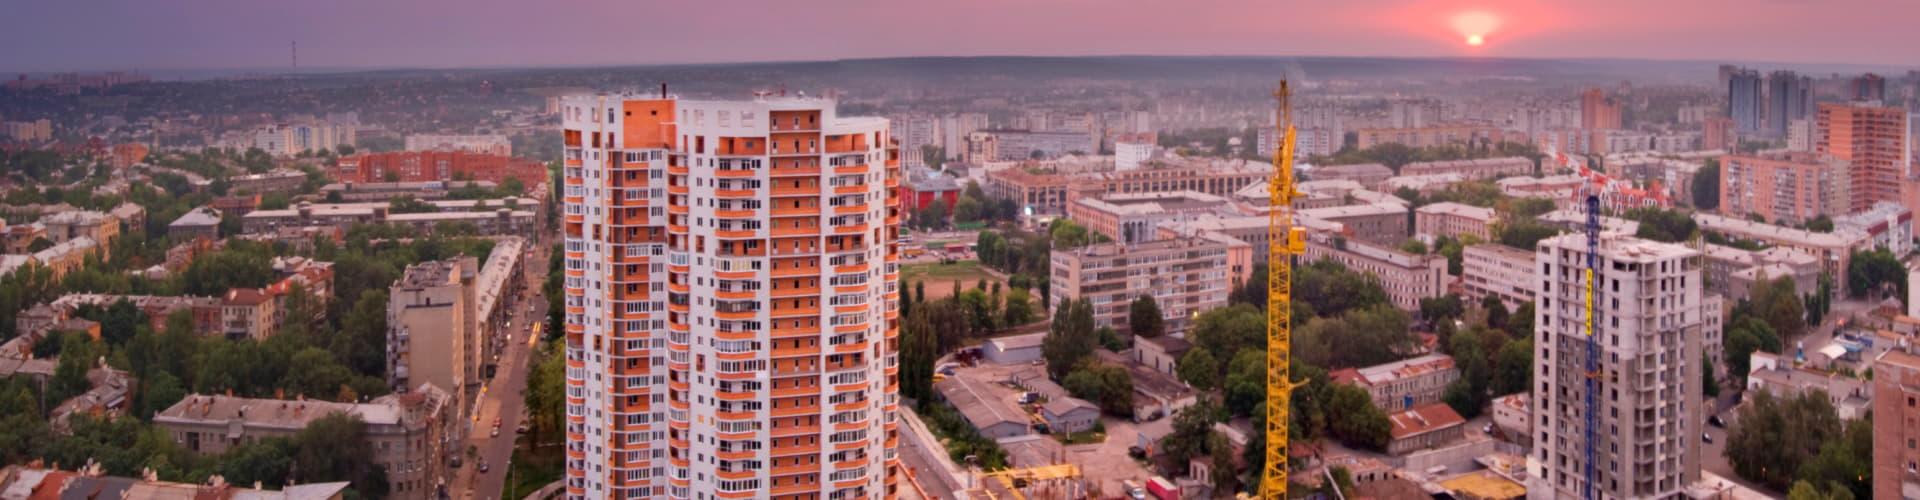 новостройки панорама фото